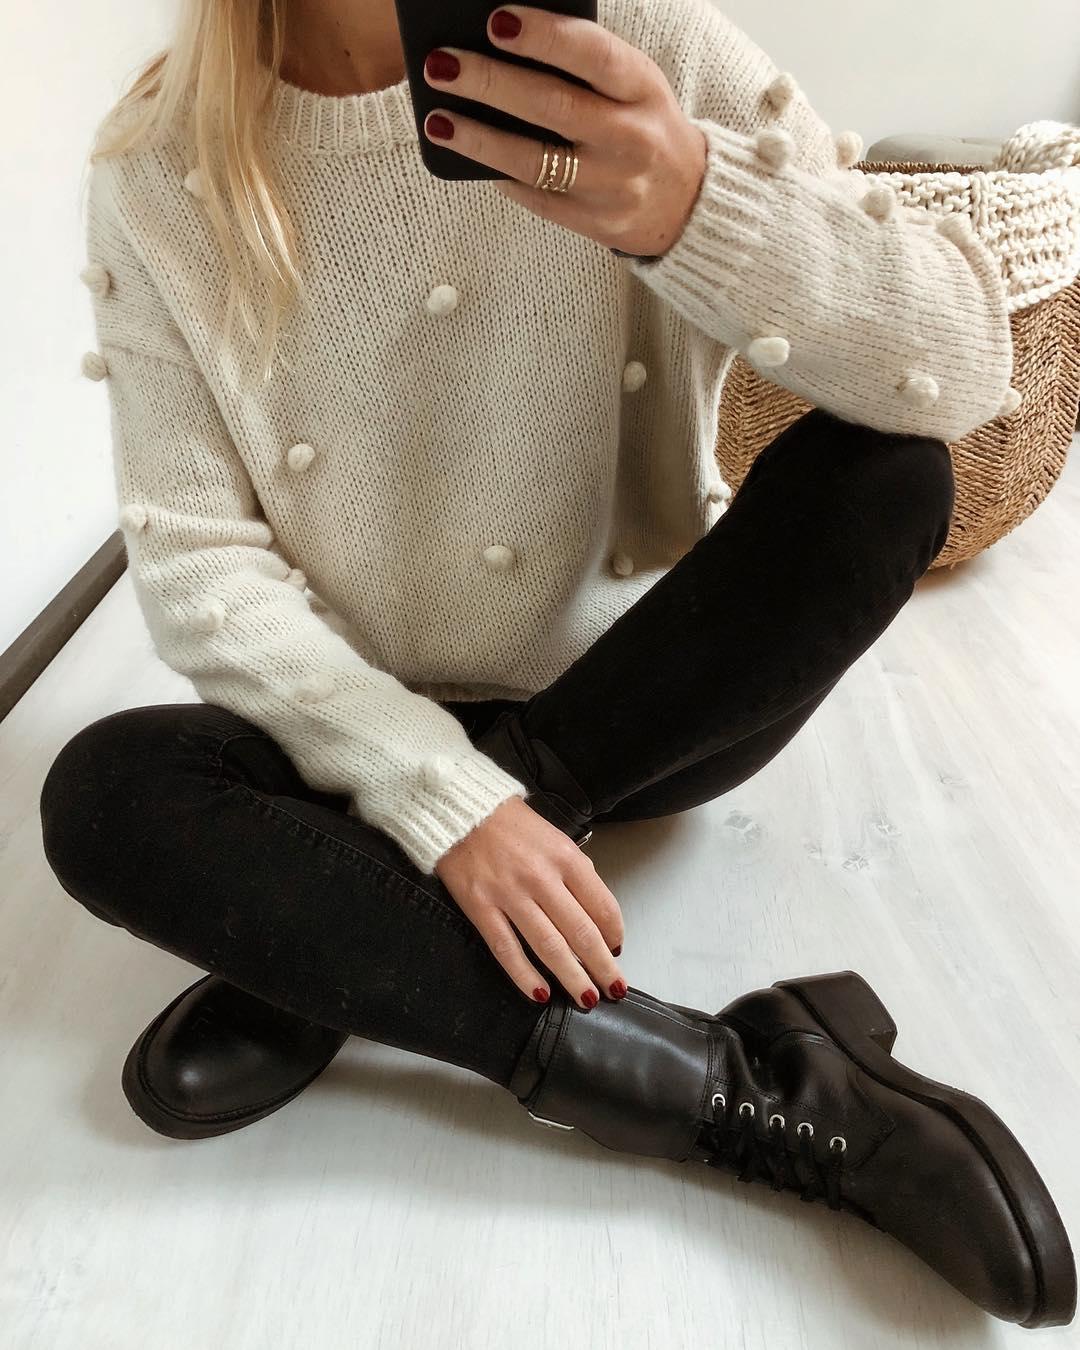 pantalon noir taille haute de Les Bourgeoises sur lesbourgeoisesofficiel